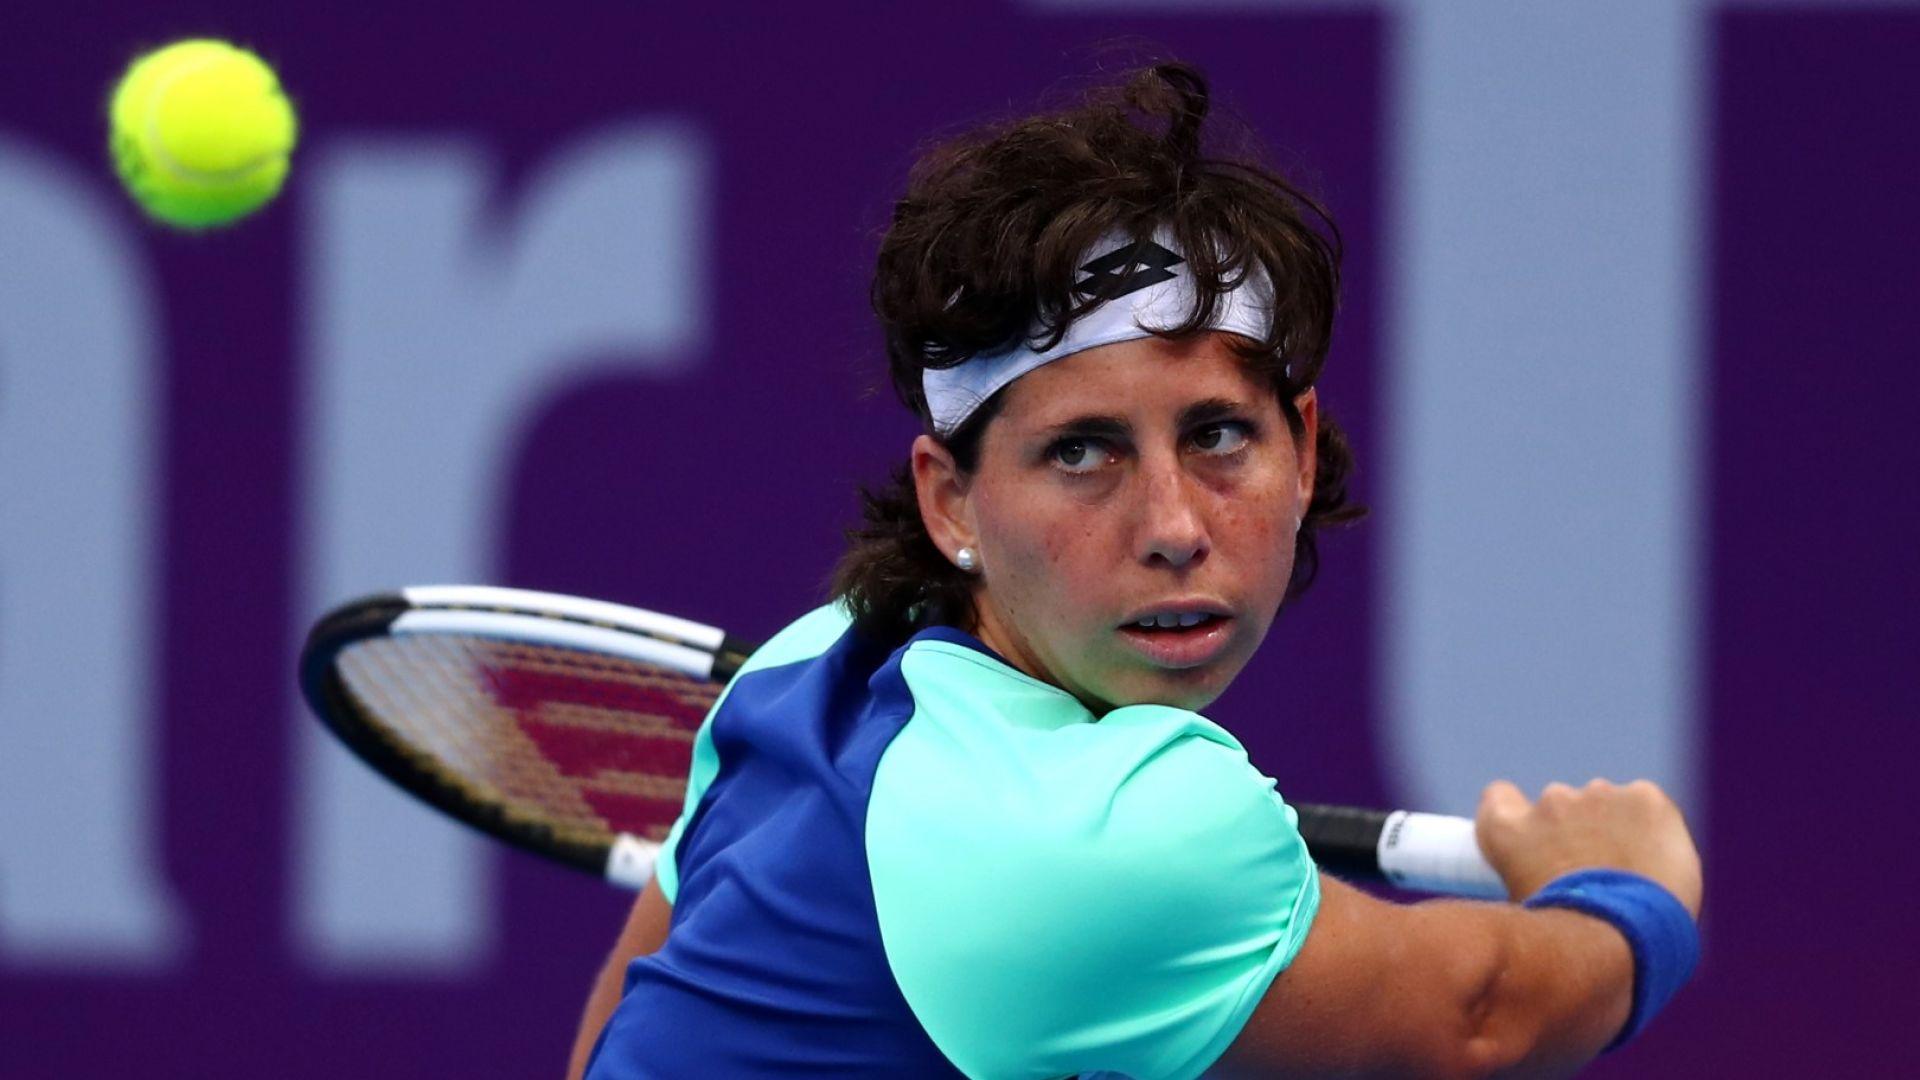 Бившата №6 в женския тенис с изповед: Мислих, че съм се заразила с коноравирус. Оказа се рак